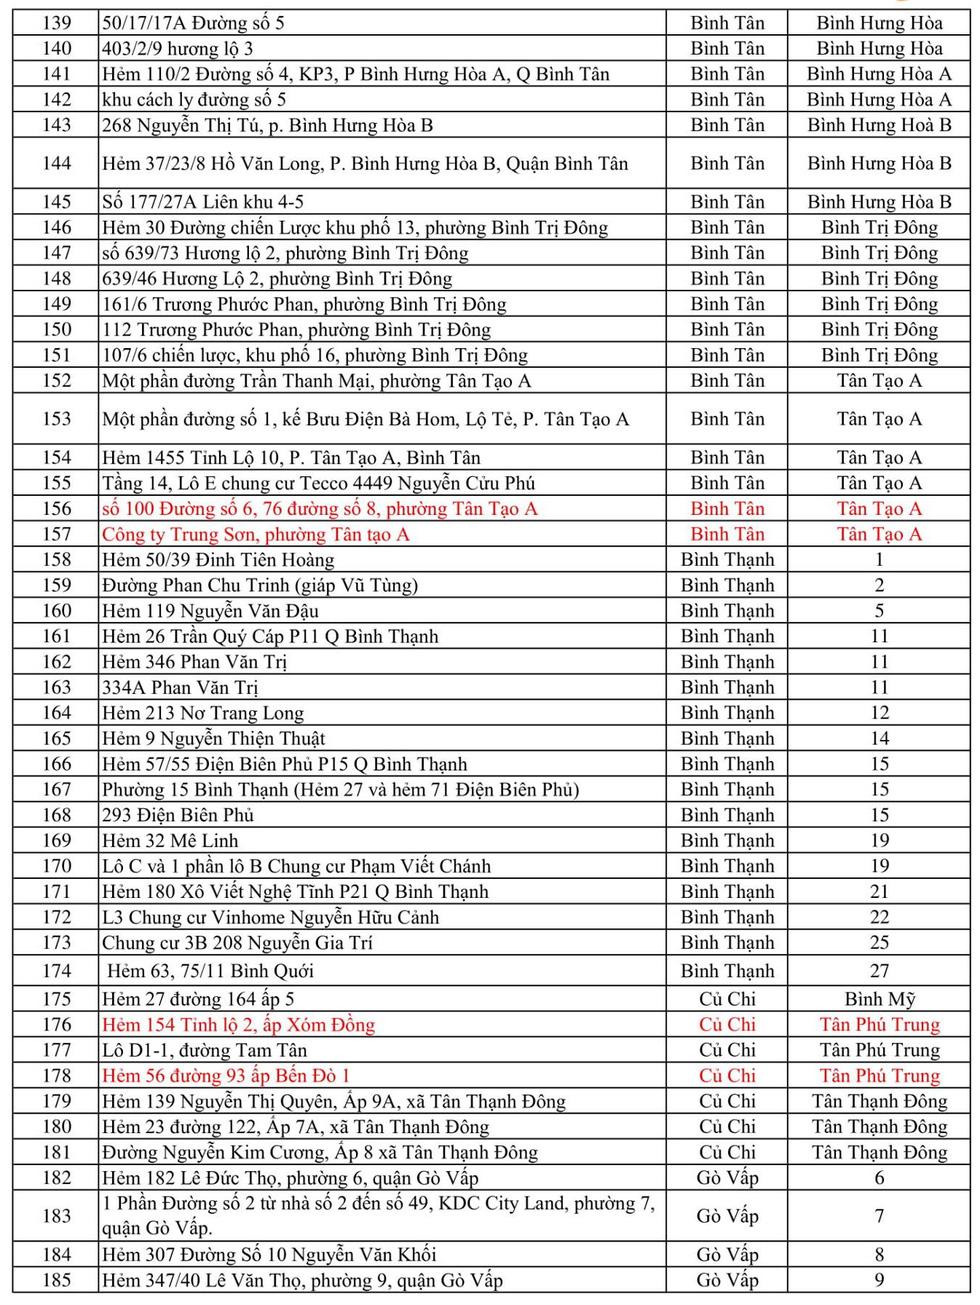 414 điểm phong tỏa tại TP.HCM, riêng TP Thủ Đức 90 điểm - Ảnh 4.